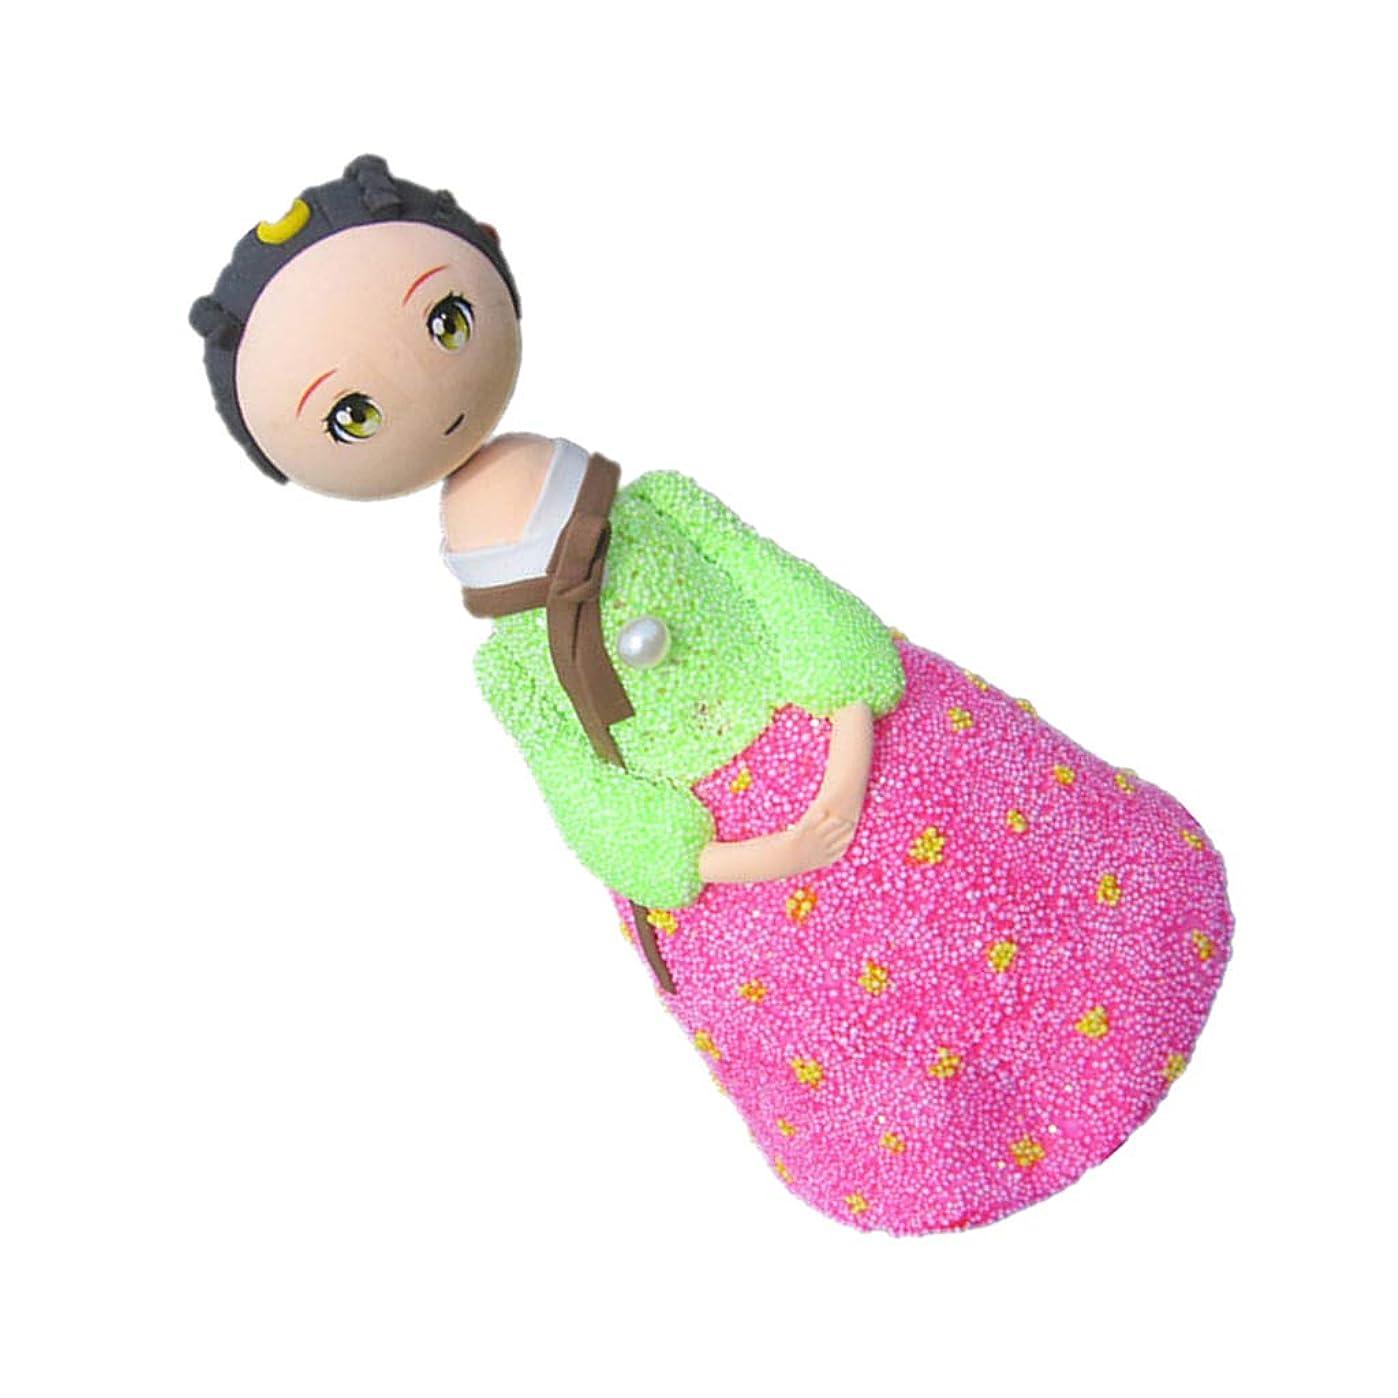 行動ライセンス冷ややかな全3色 ドール 人形 粘土人形 女の子 プリンセス人形 装飾品 DIY アクセサリー - #3